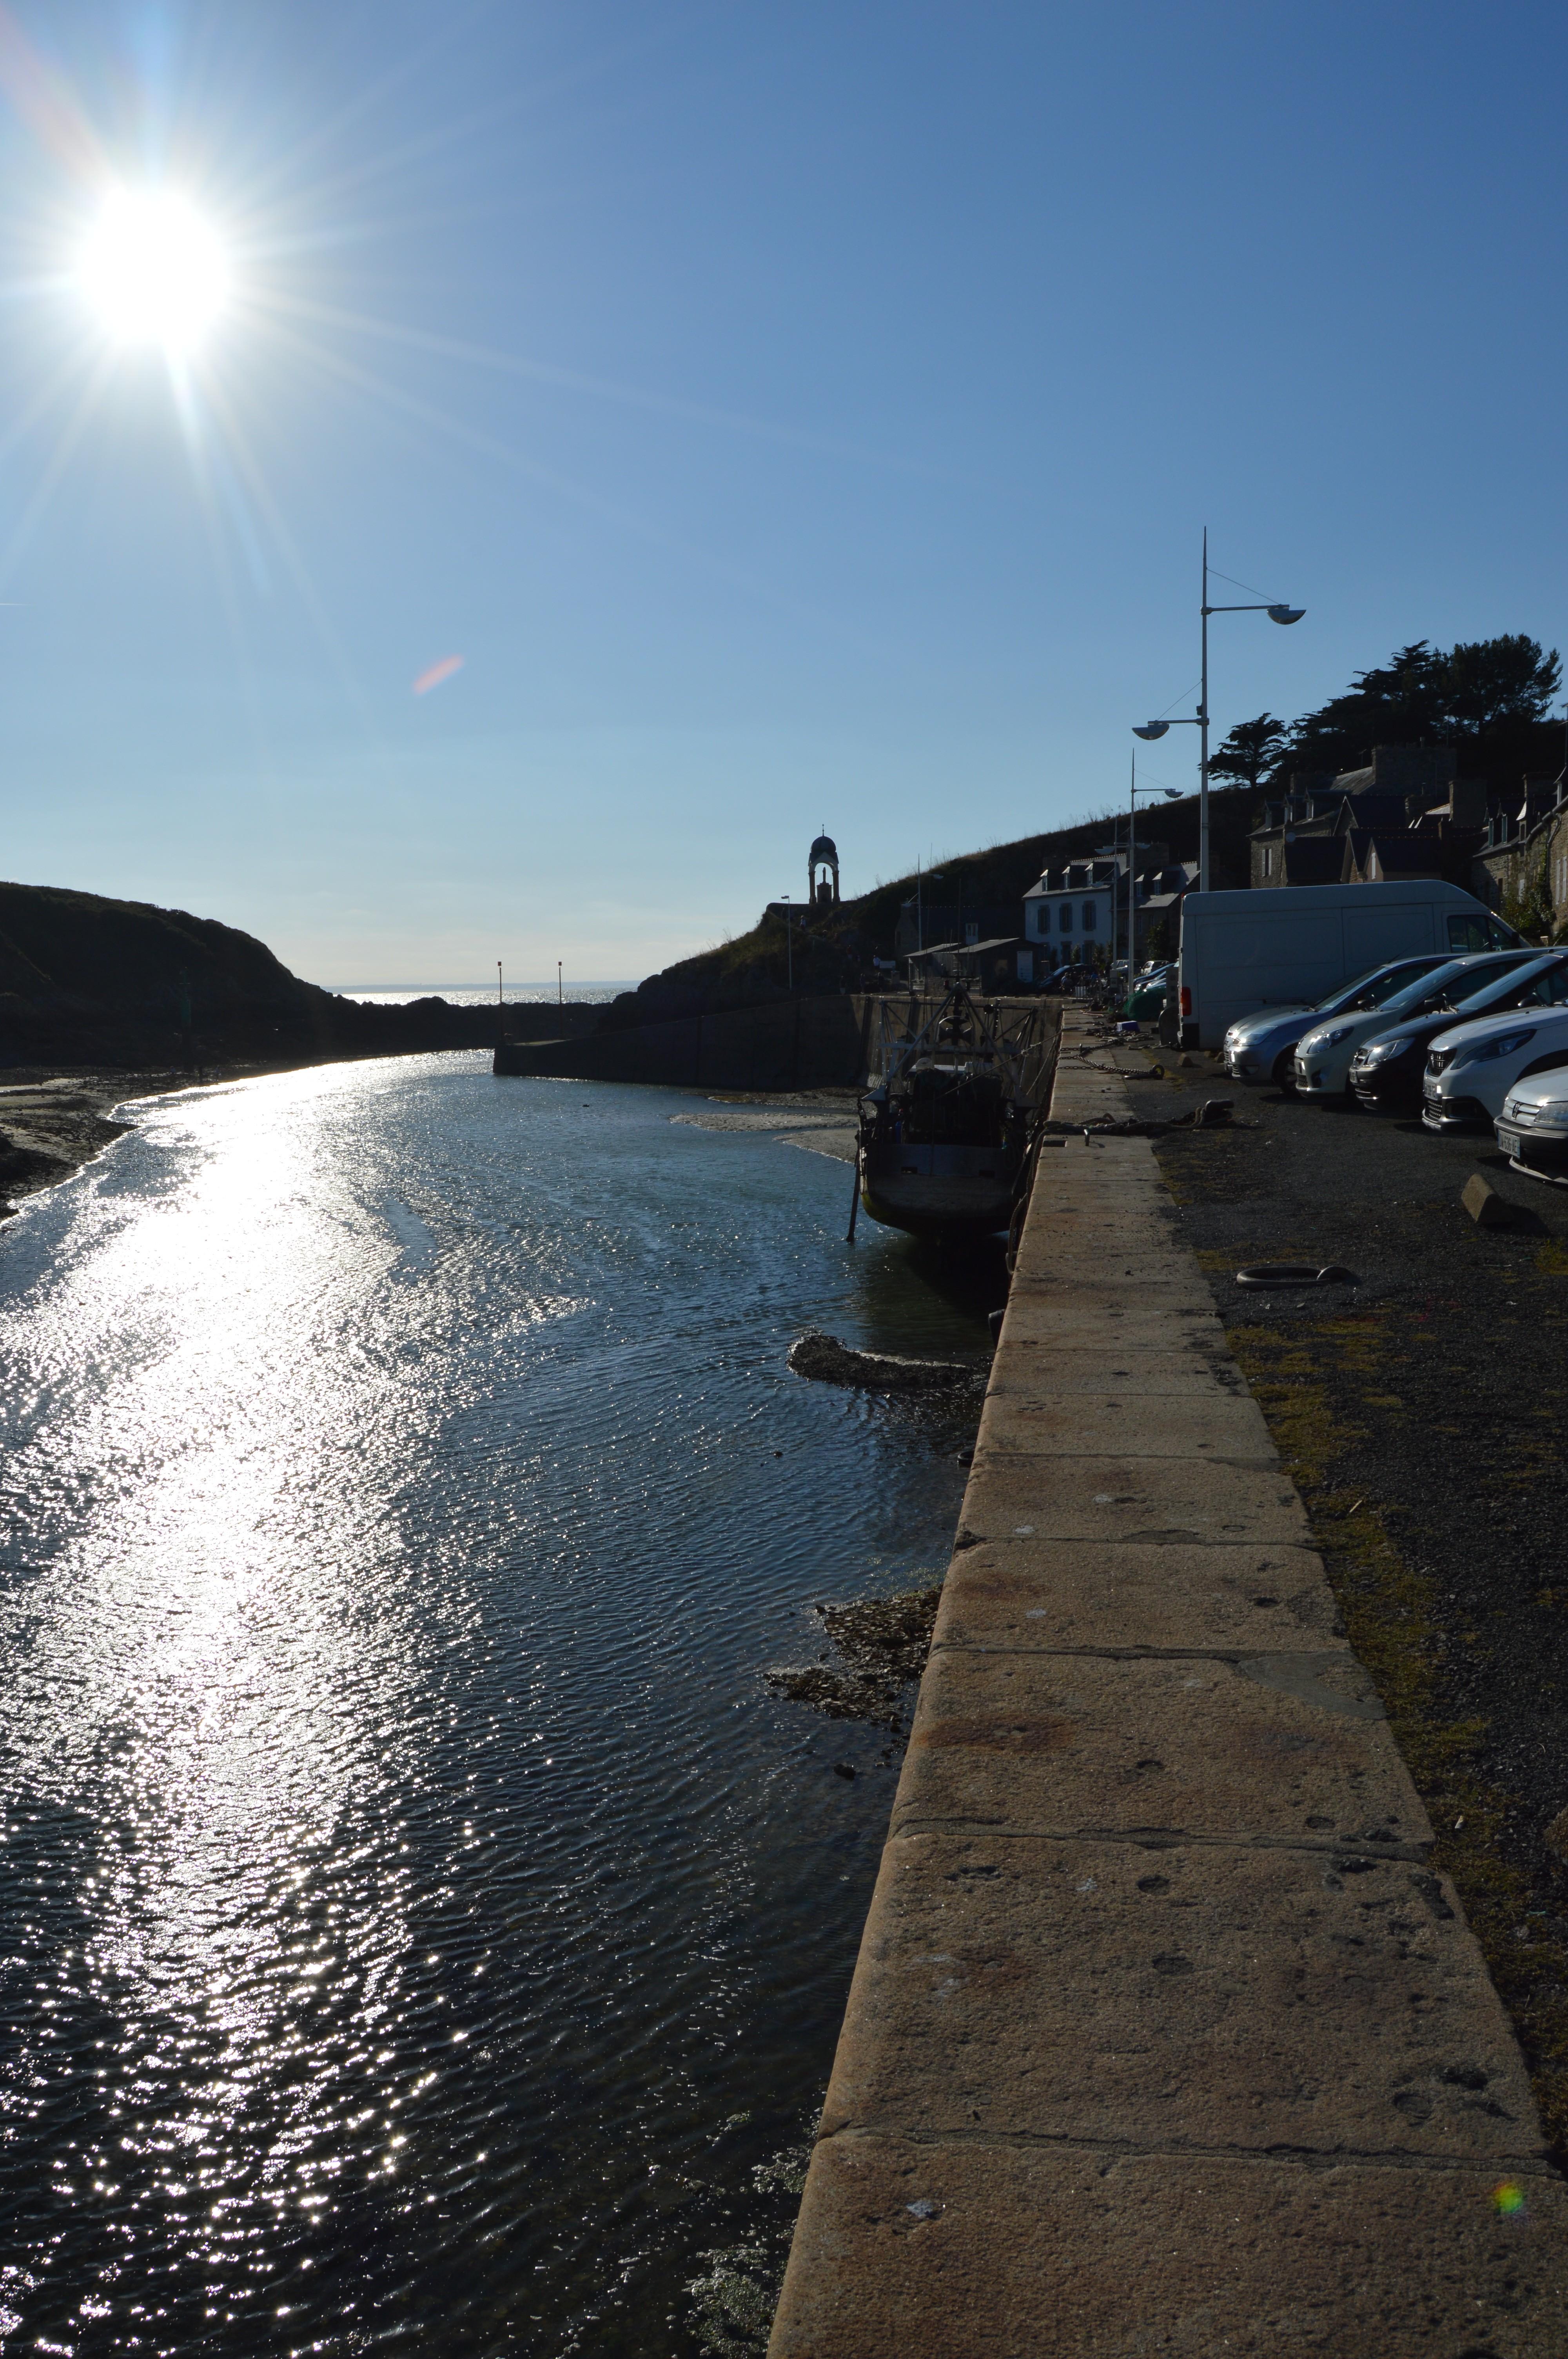 Le port de Dahouët, où a été tournée La 7e Cie au Clair de Lune et plus particulièrement la scène avec les paniers de pécheurs...